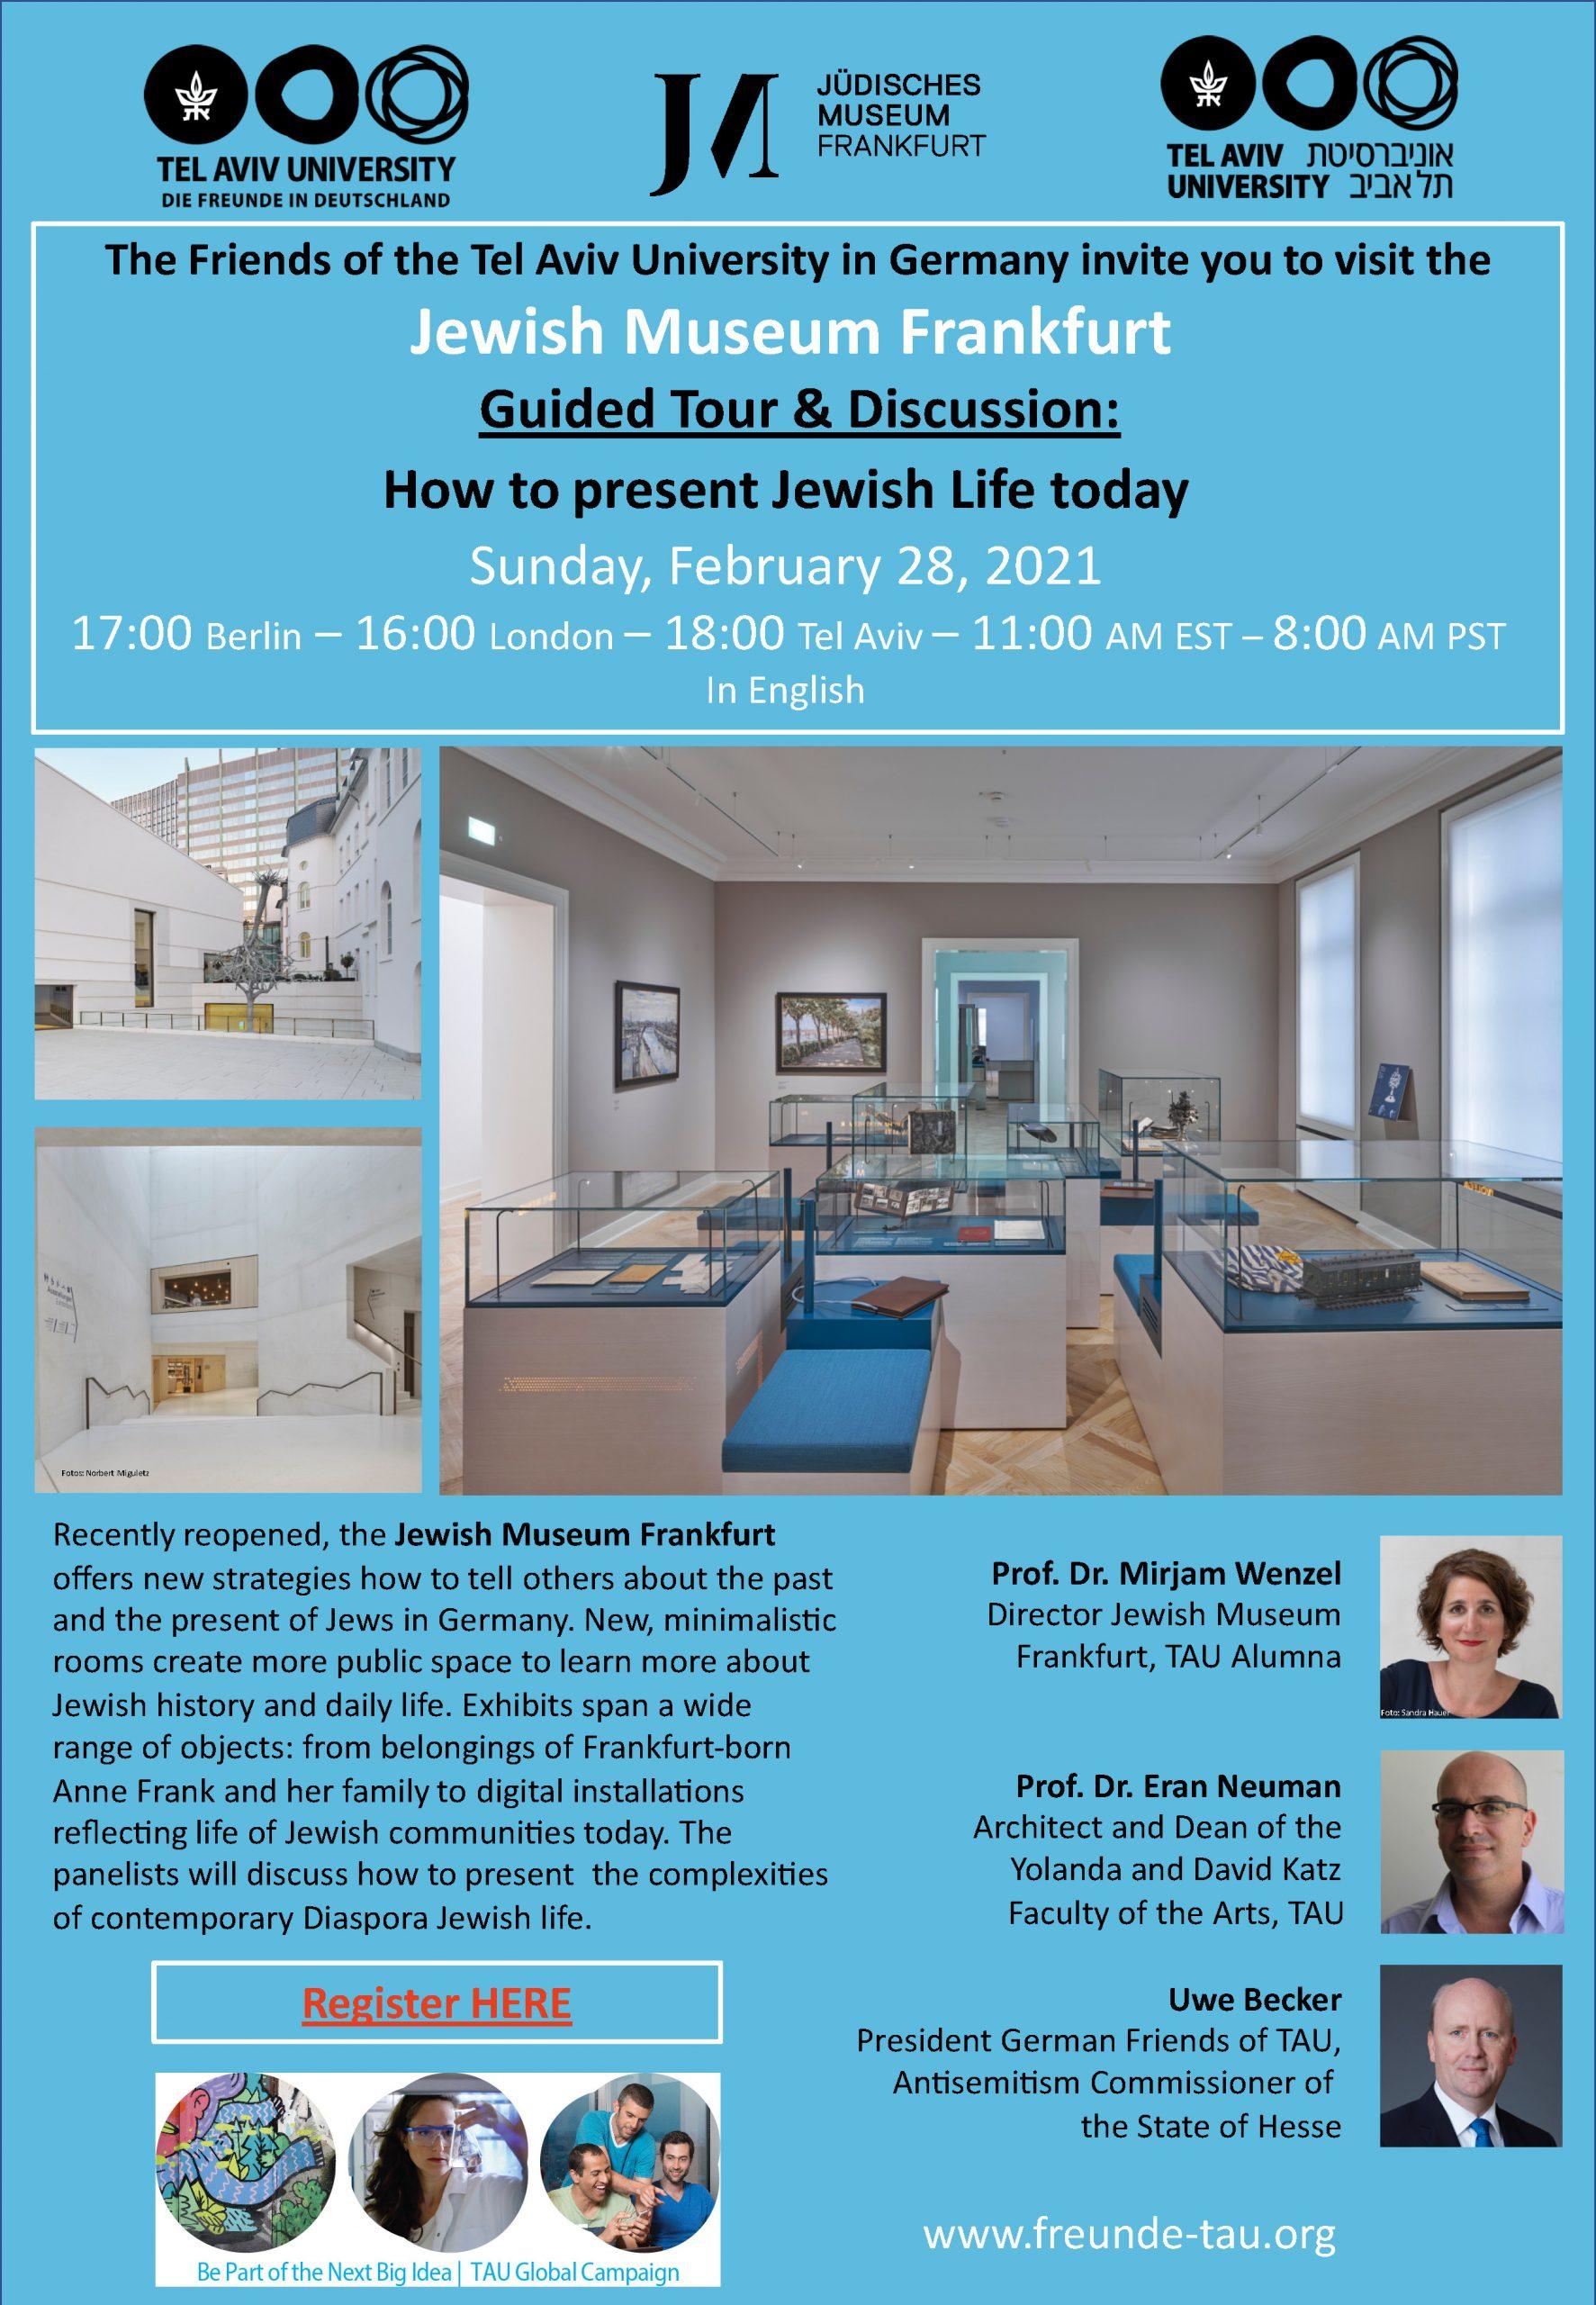 Besuch im Jüdischen Museum Frankfurt - Online am 28.02.2021